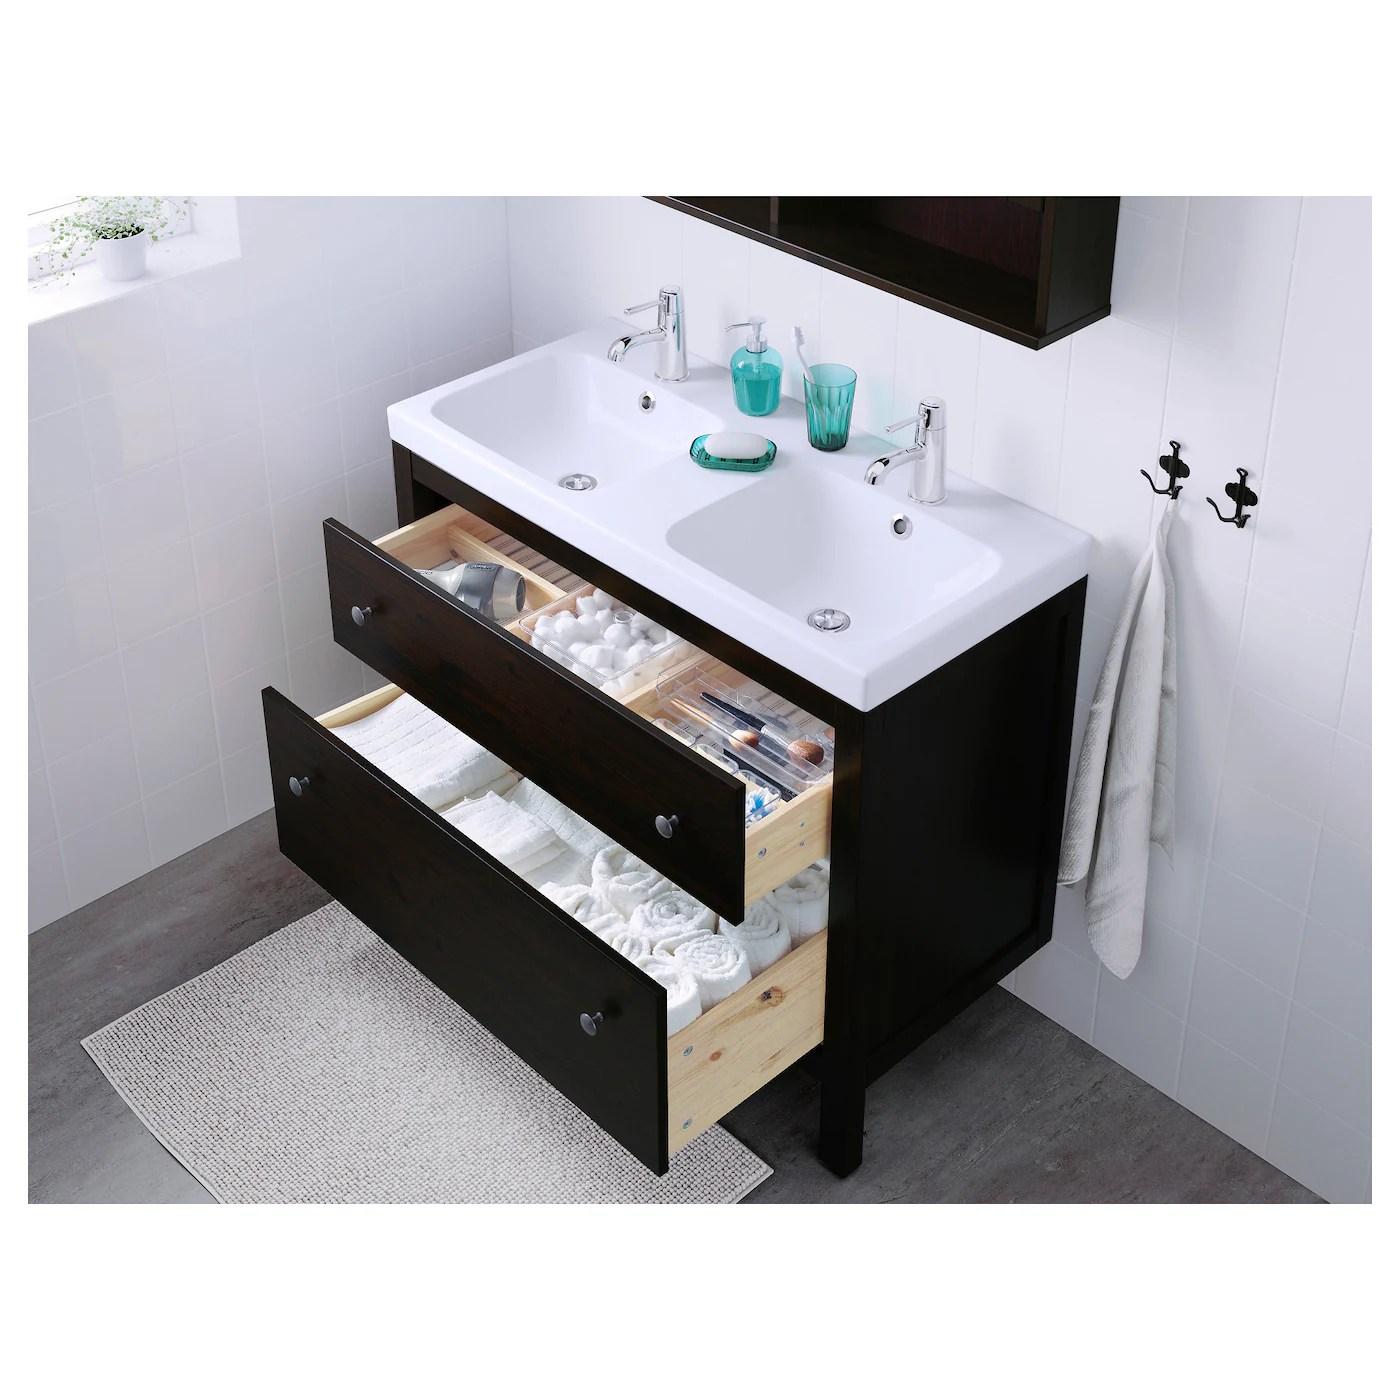 hemnes odensvik bathroom vanity black brown stained runskar faucet 40 1 2x19 1 4x35 103x49x89 cm